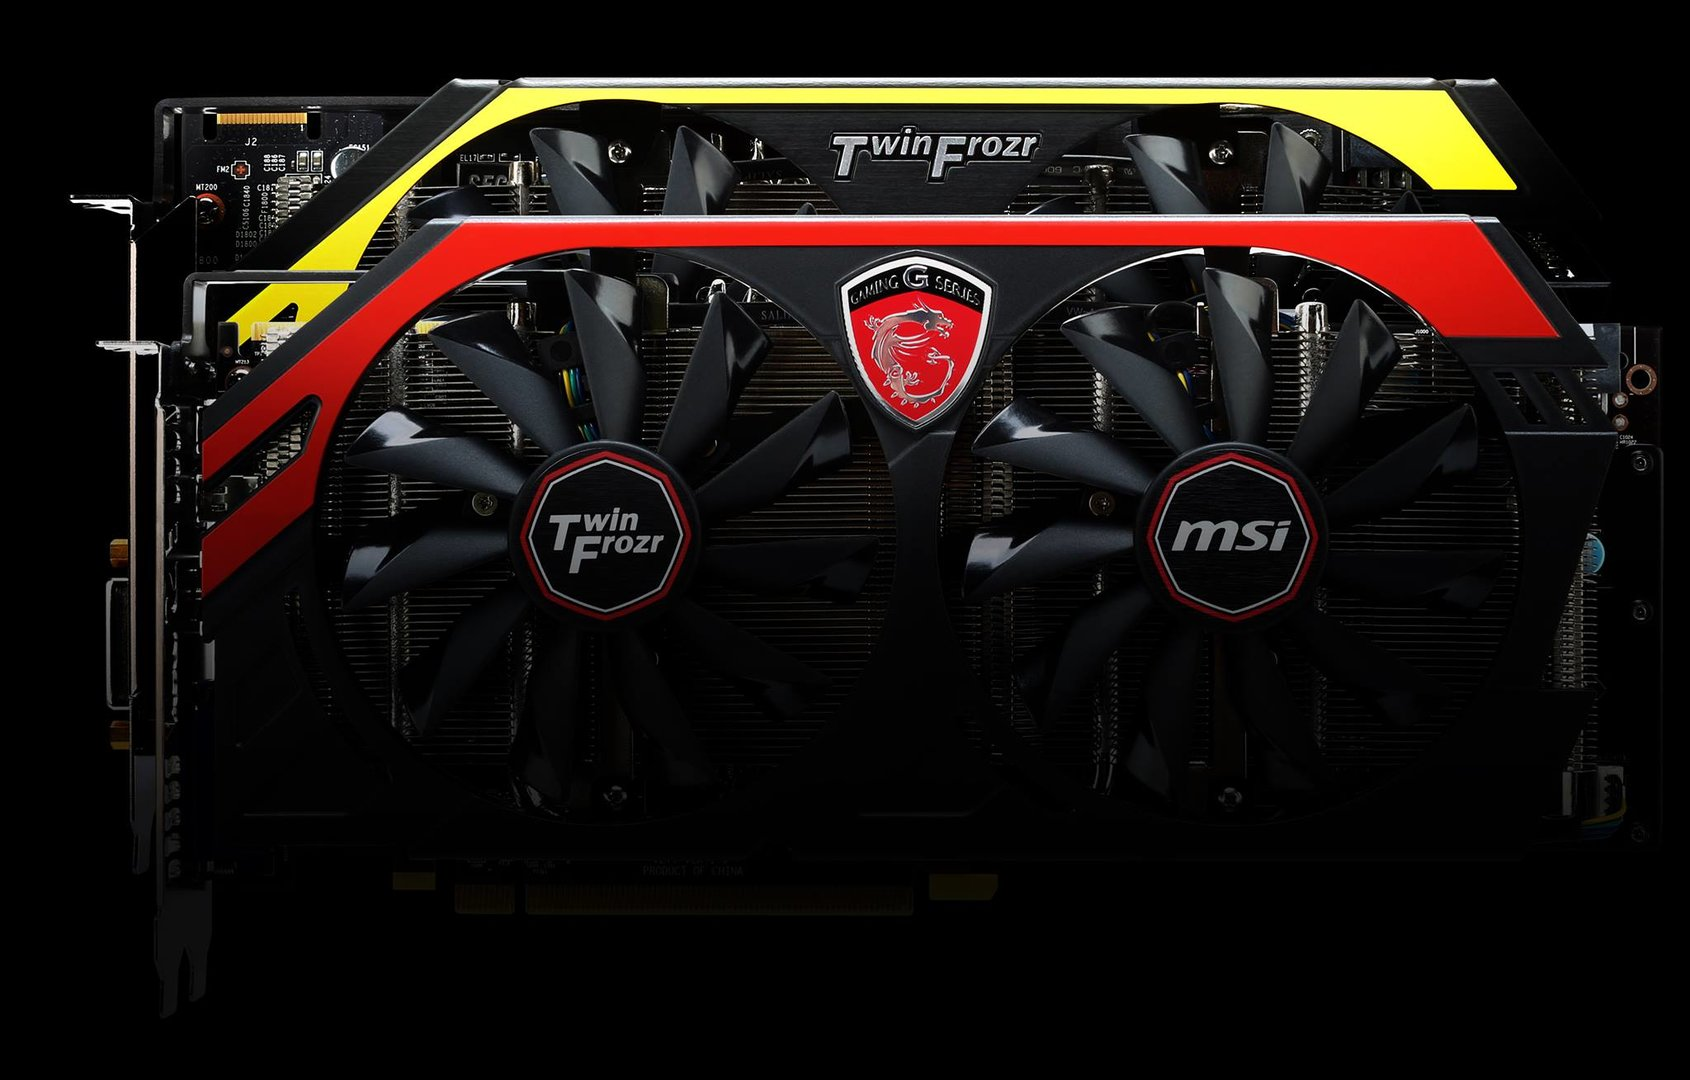 Neue AMD-Grafikkarten von MSI